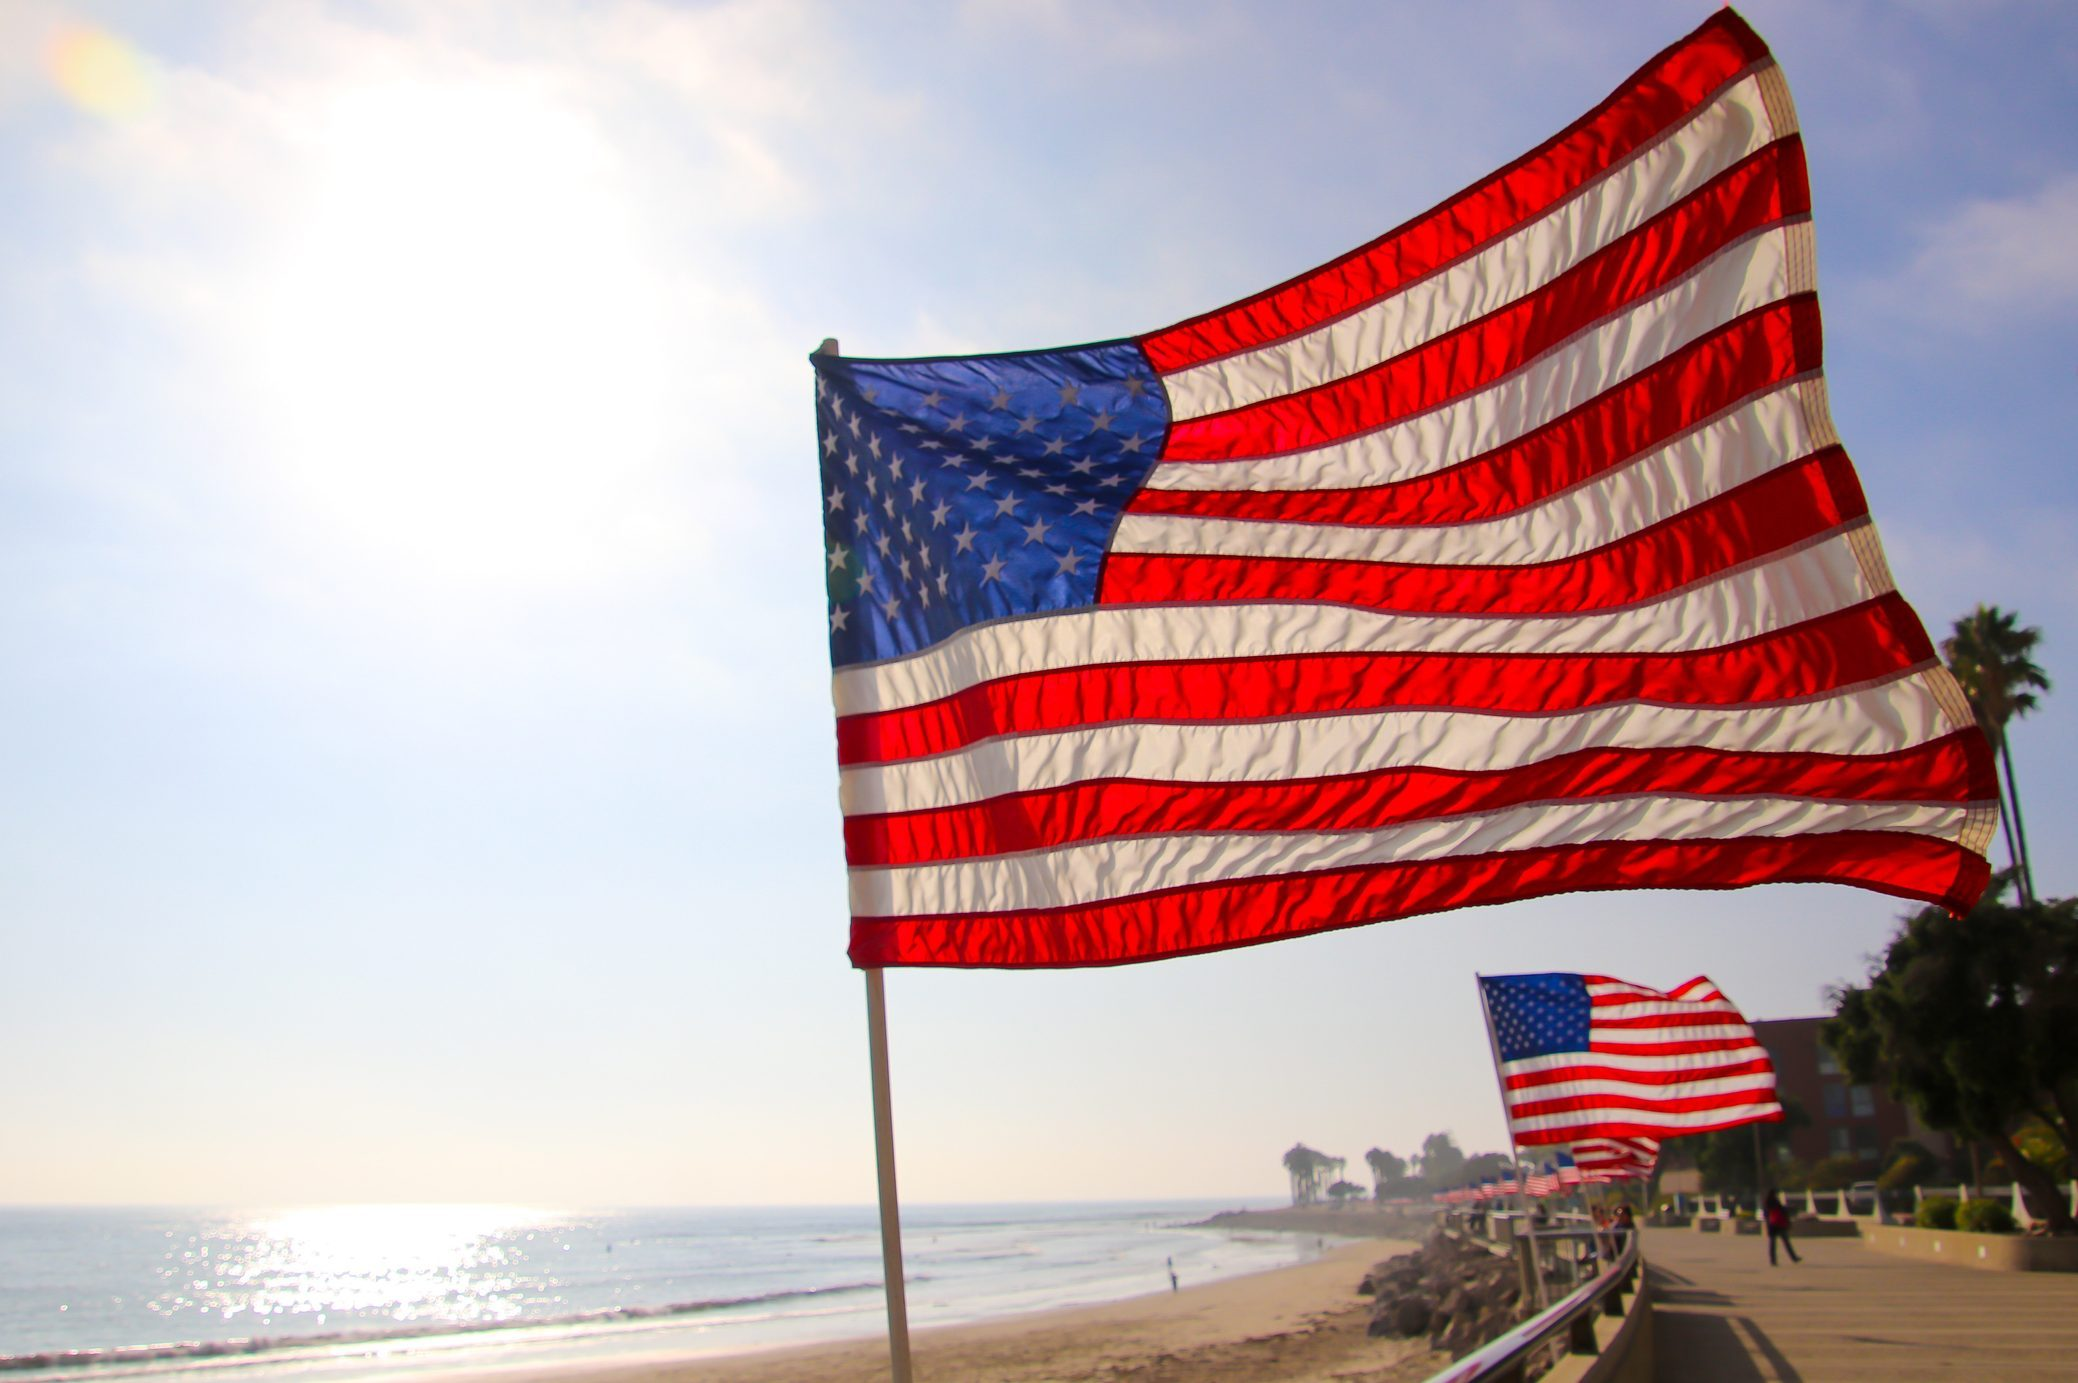 U.S. Flags on the Beach